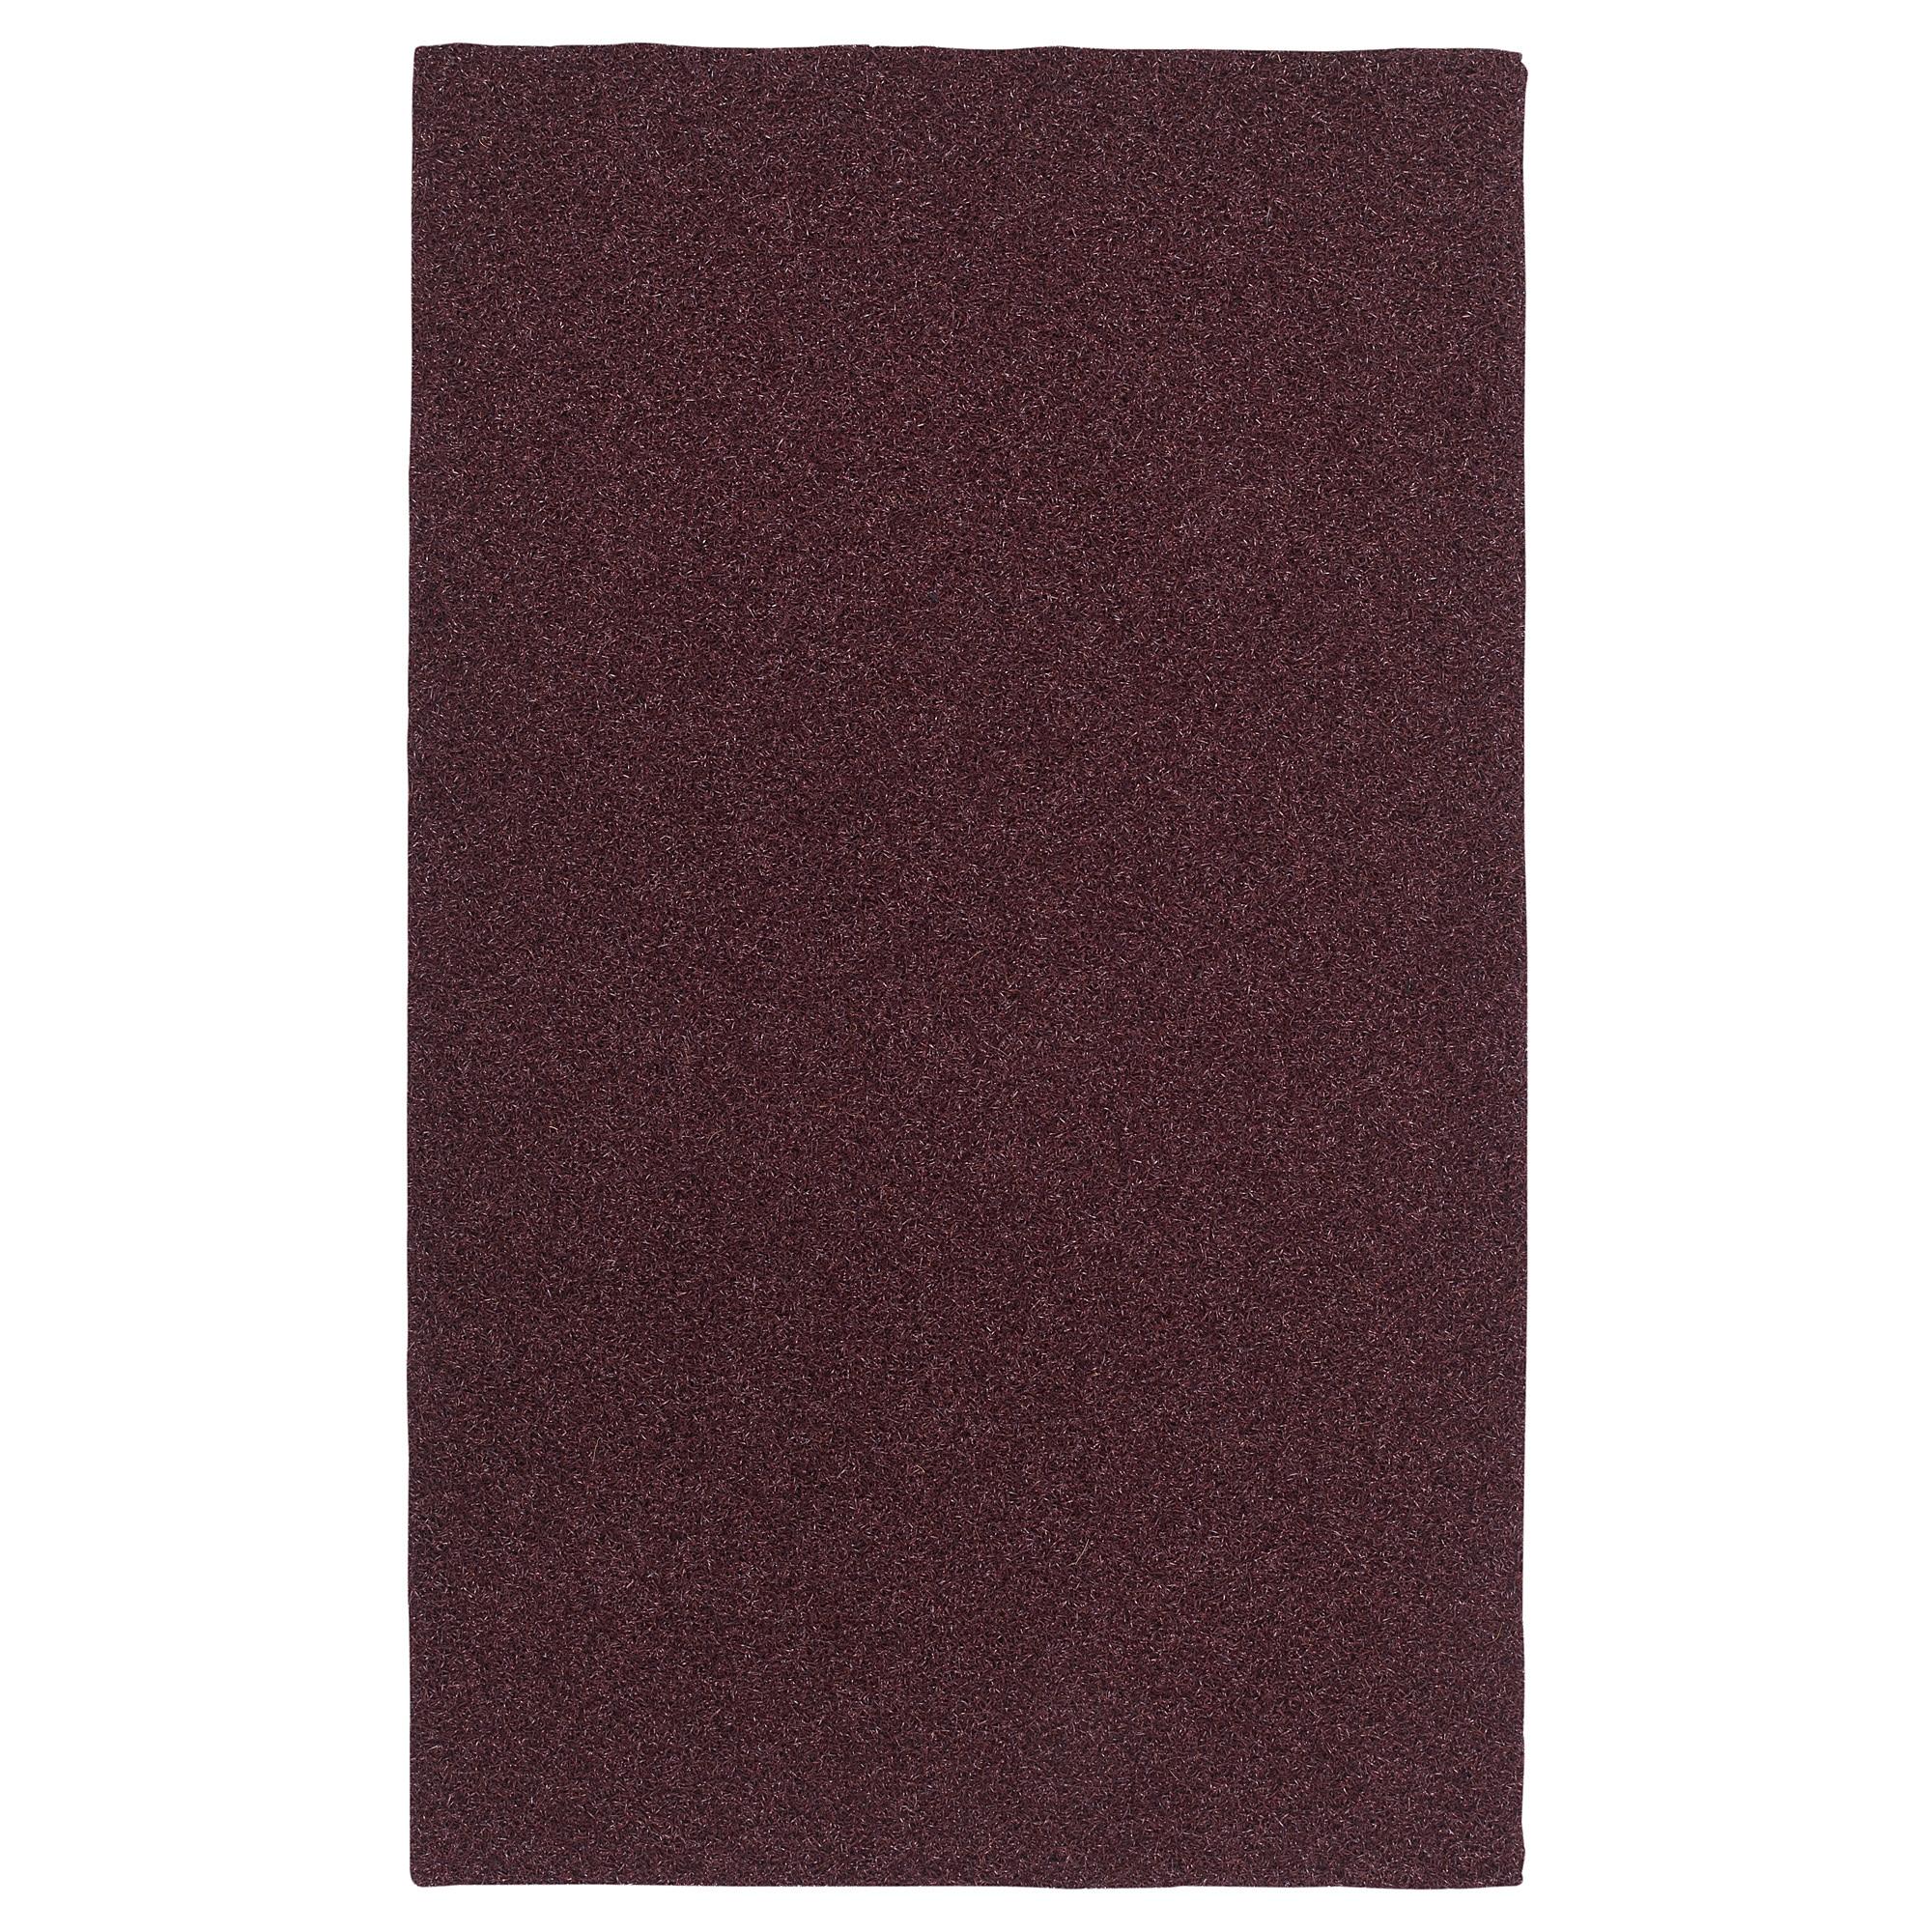 Придверный коврик ОПЛЕВ бордовый артикуль № 504.173.55 в наличии. Онлайн магазин IKEA Республика Беларусь. Недорогая доставка и монтаж.